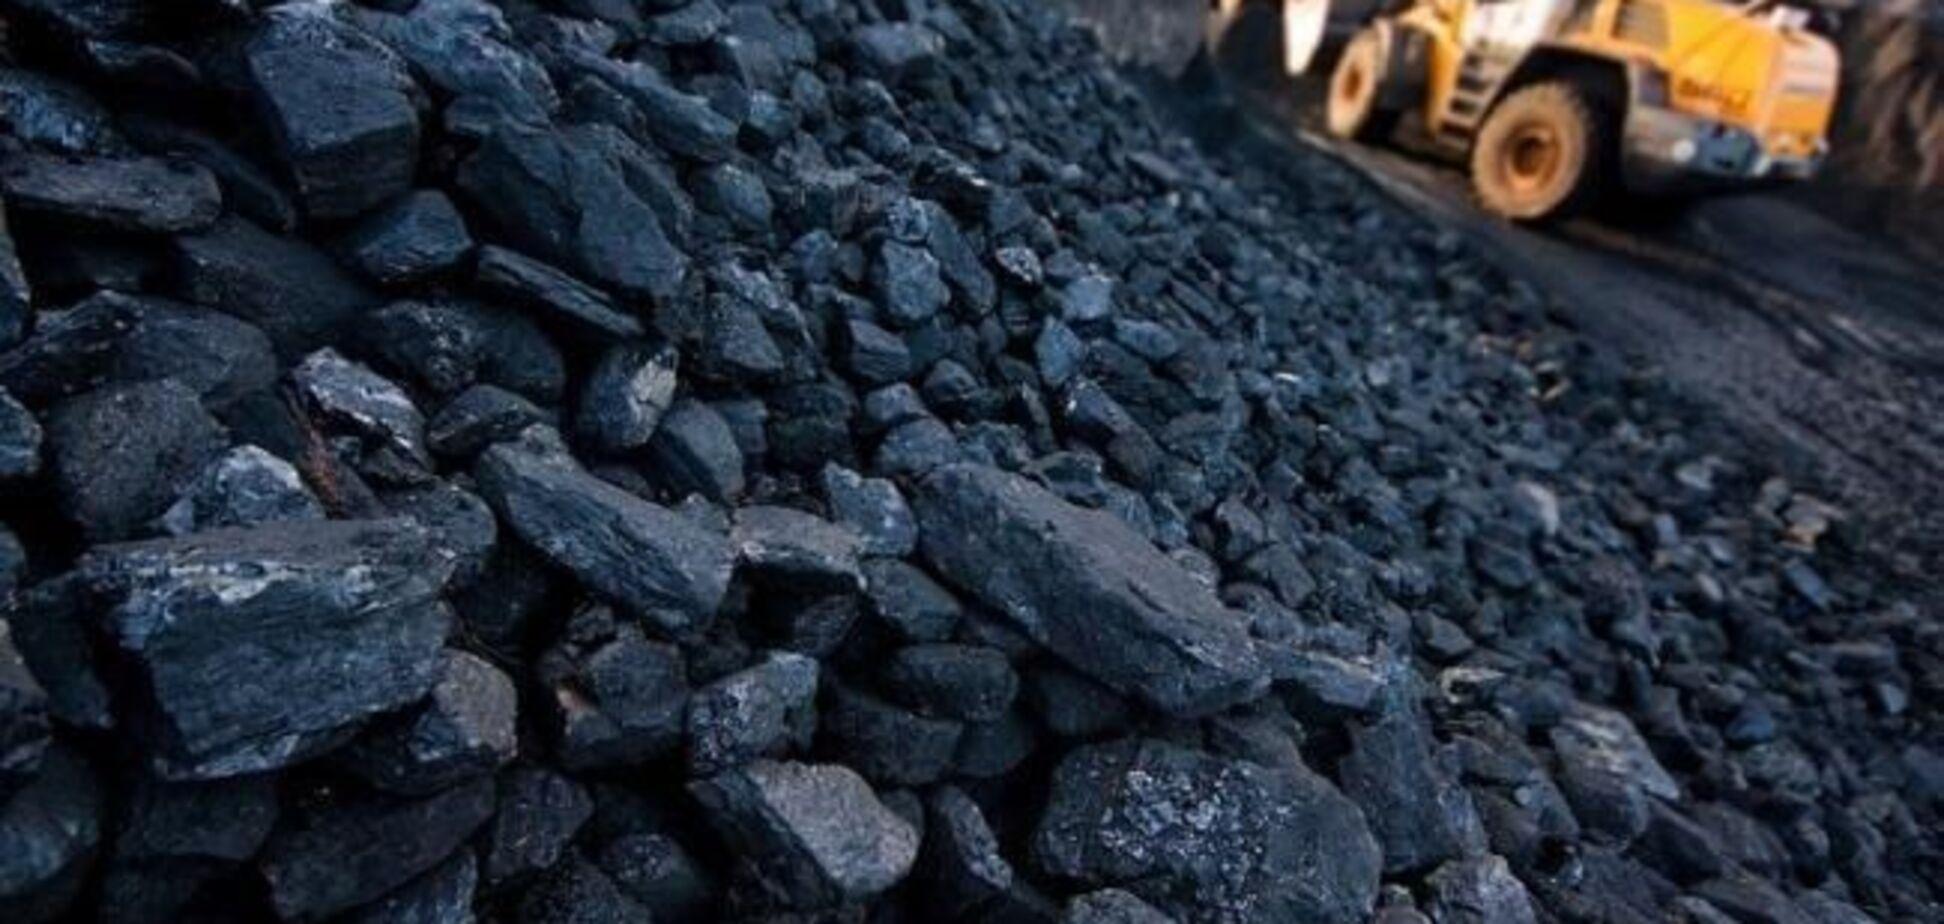 Українське вугілля має коштувати не менше імпортного: на підприємстві 'Львіввугілля' зробили заяву